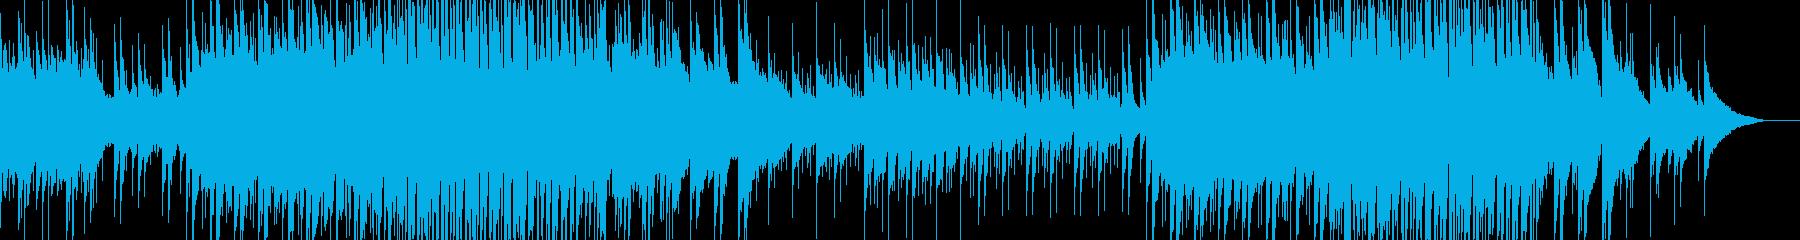 ピアノとシンセのエンディング向きの楽曲の再生済みの波形